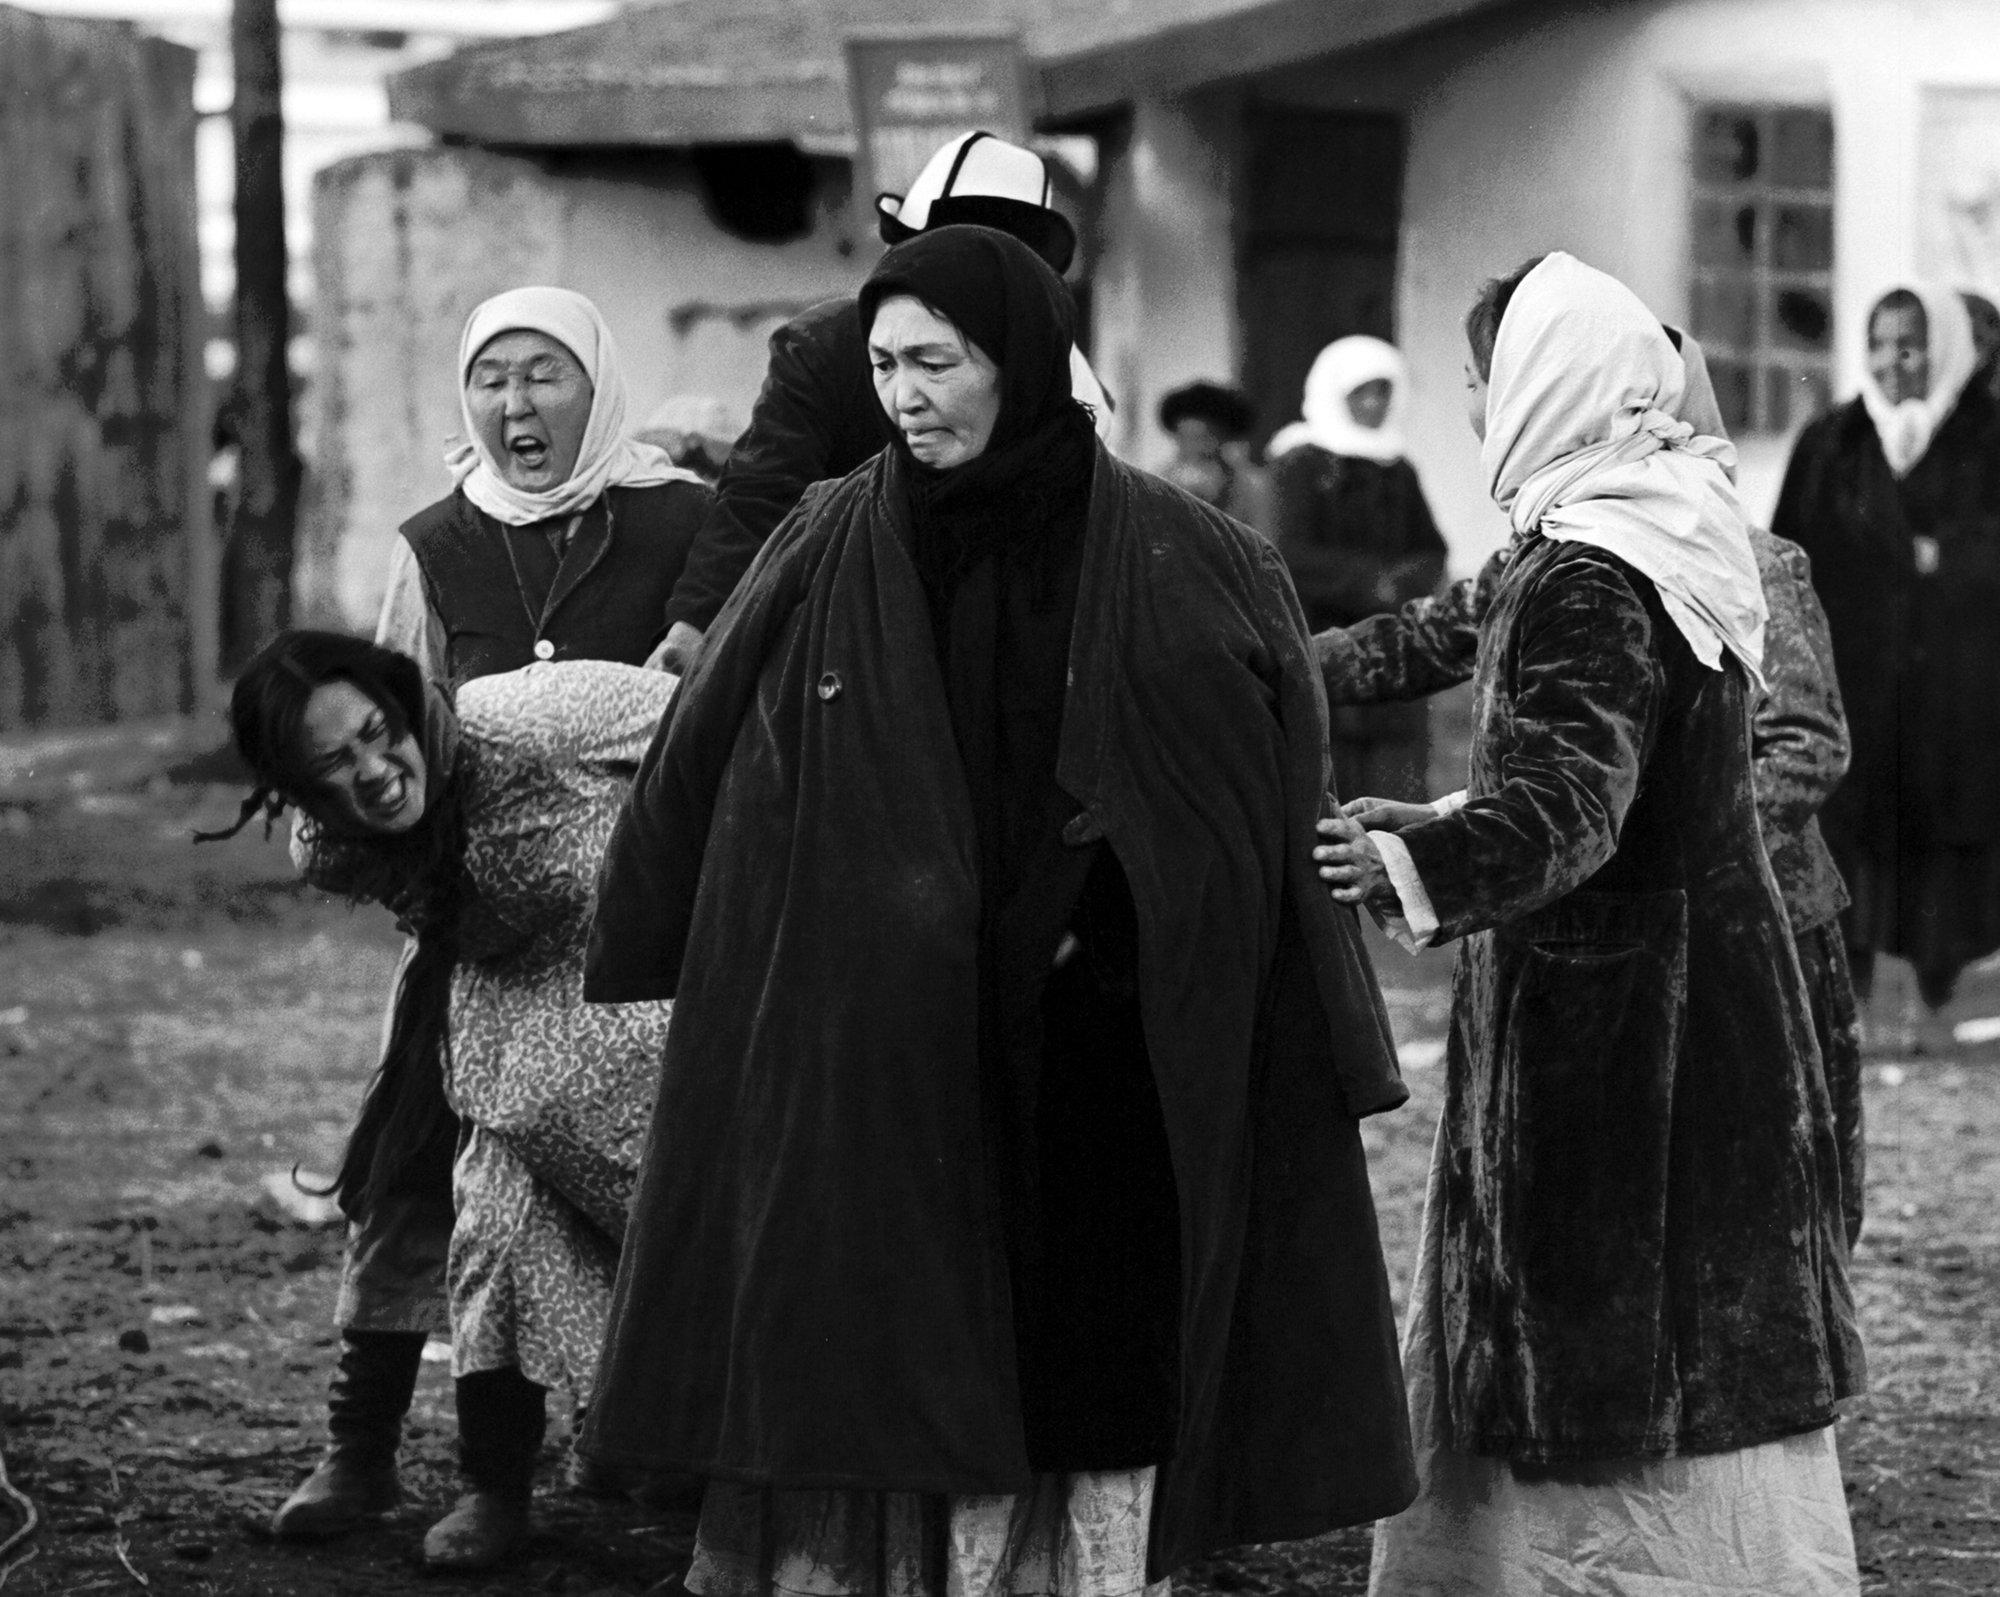 СССРдин эл артисти Бакен Кыдыкееванын Саманчынын жолу көркөм тасмасында Толгонайдын ролун аткарып жаткан учуру